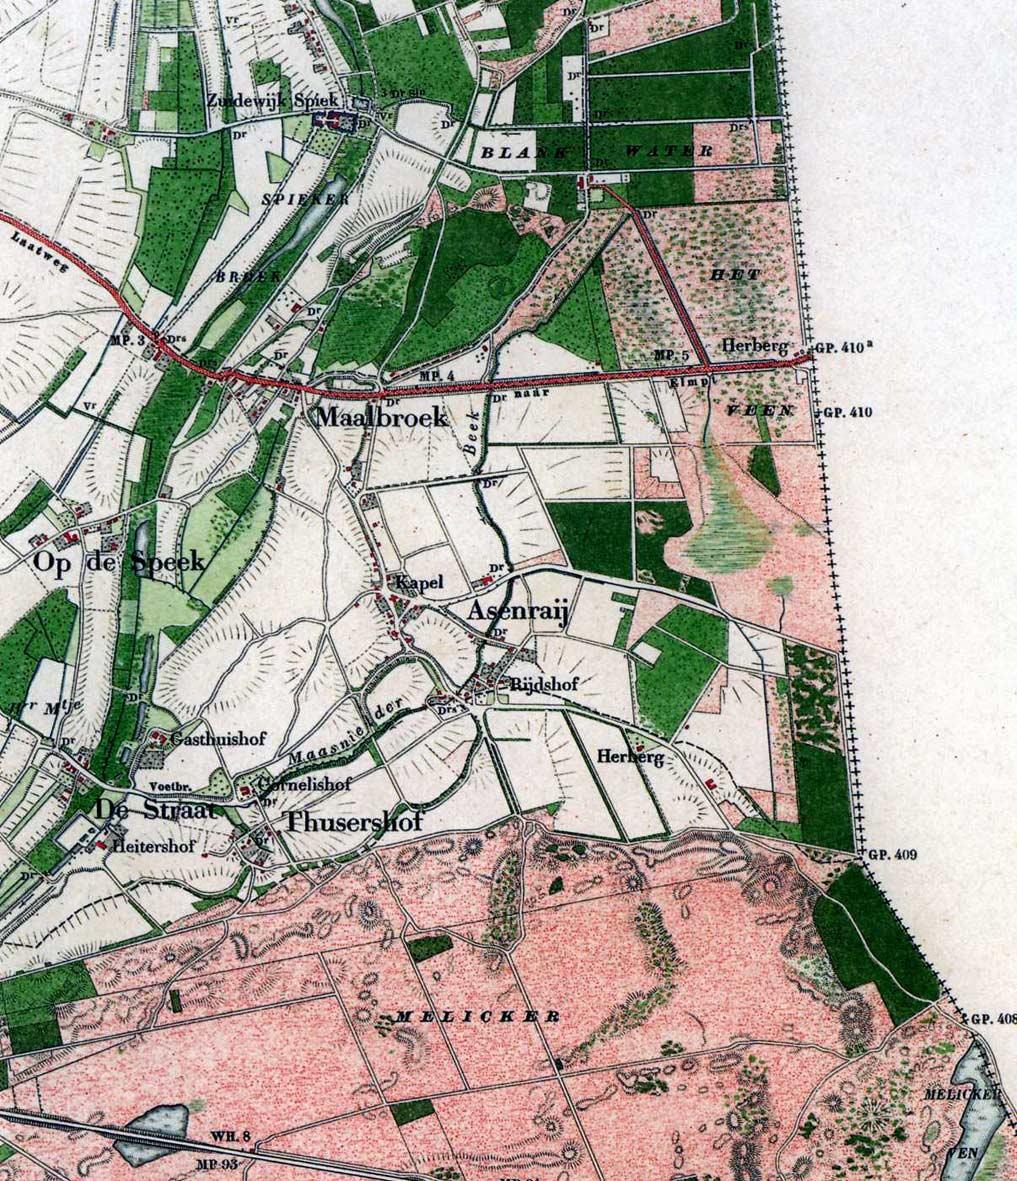 Topografische kaart van Asenray, 1890.